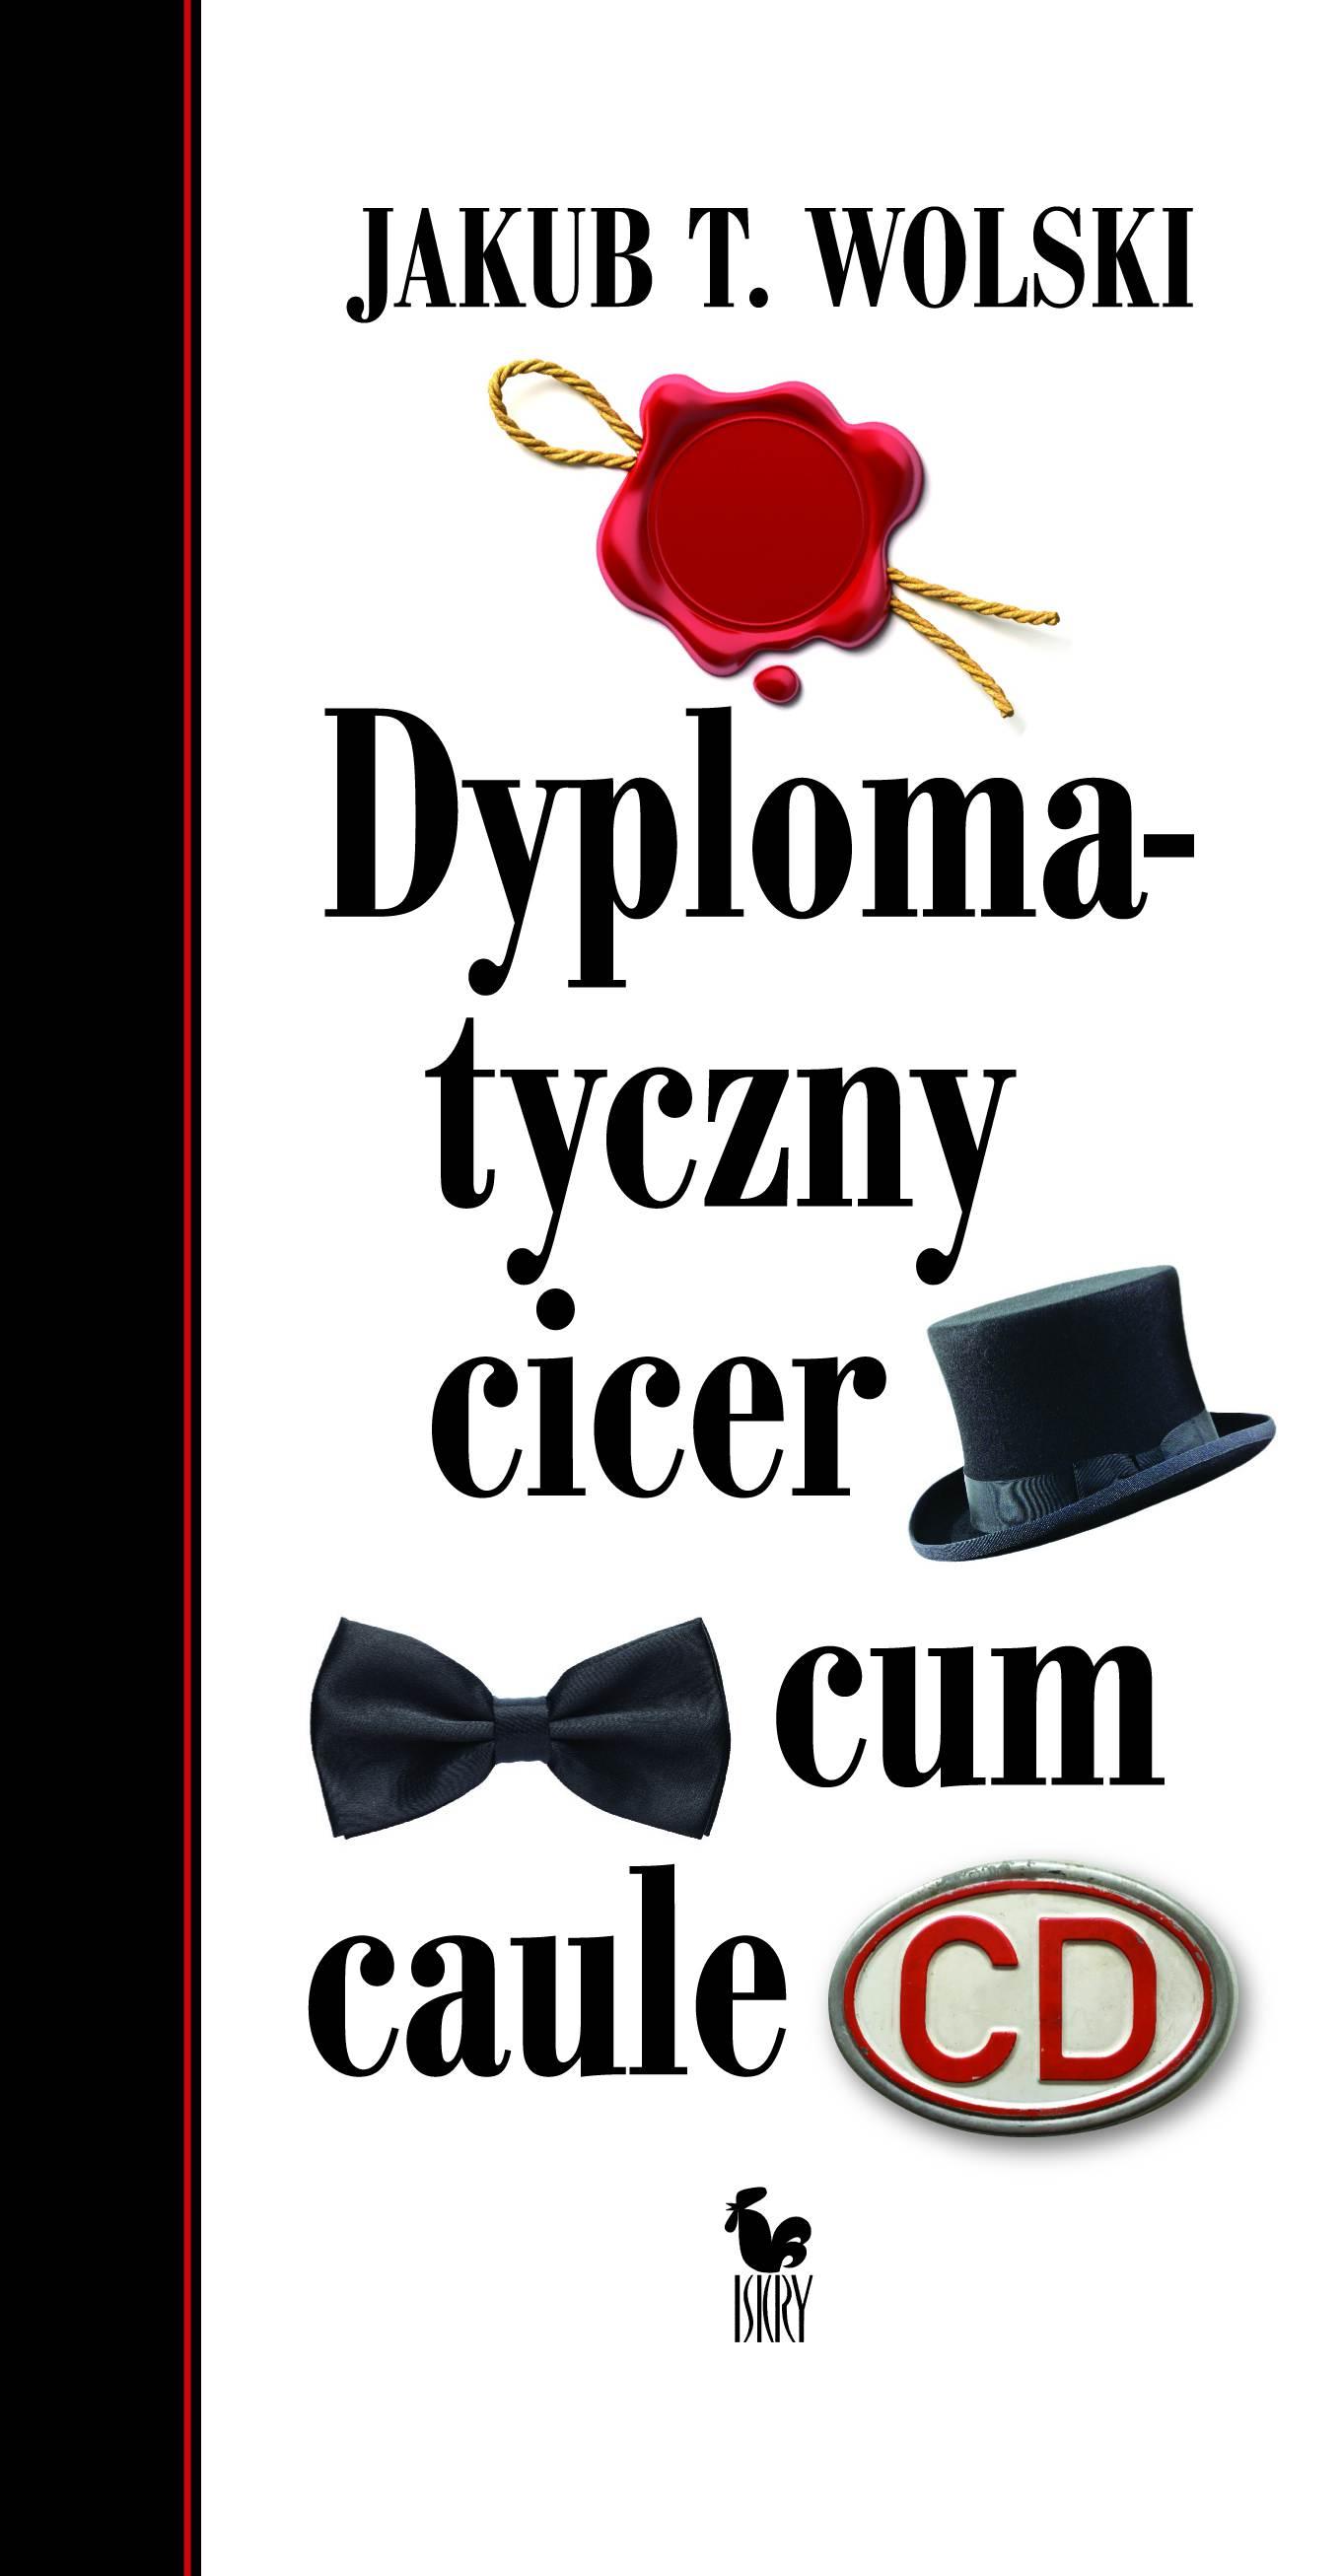 Dyplomatyczny cicer cum caule - Ebook (Książka EPUB) do pobrania w formacie EPUB